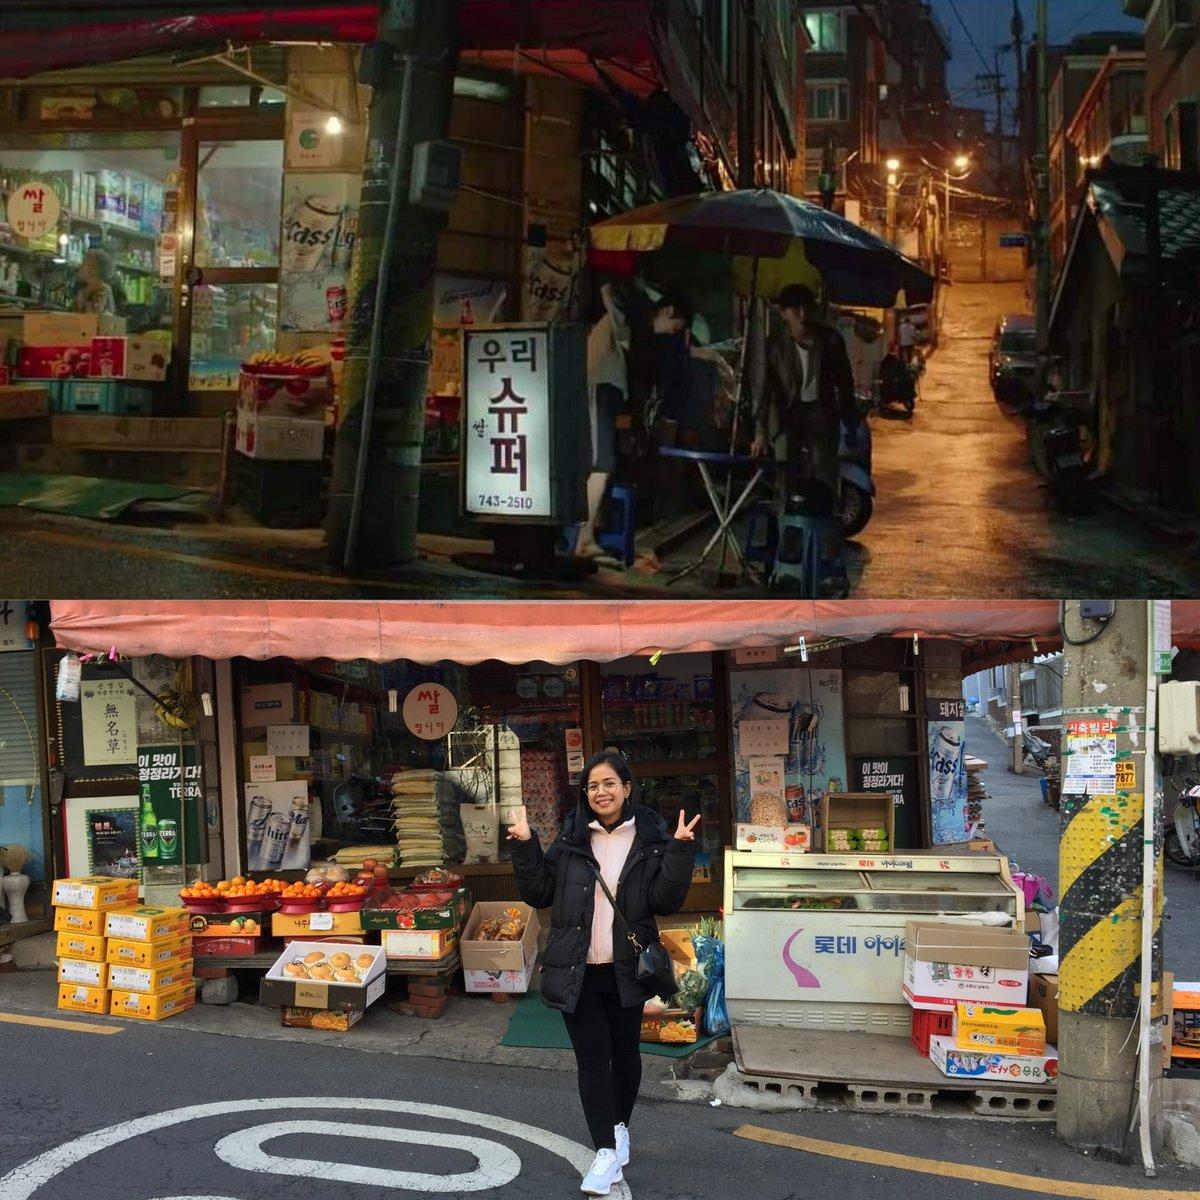 기생충 (Gisaengchung)~ Parasite Filming Location ~  #ParasiteMovie  #Parasitepic.twitter.com/jzxiIbIBZS